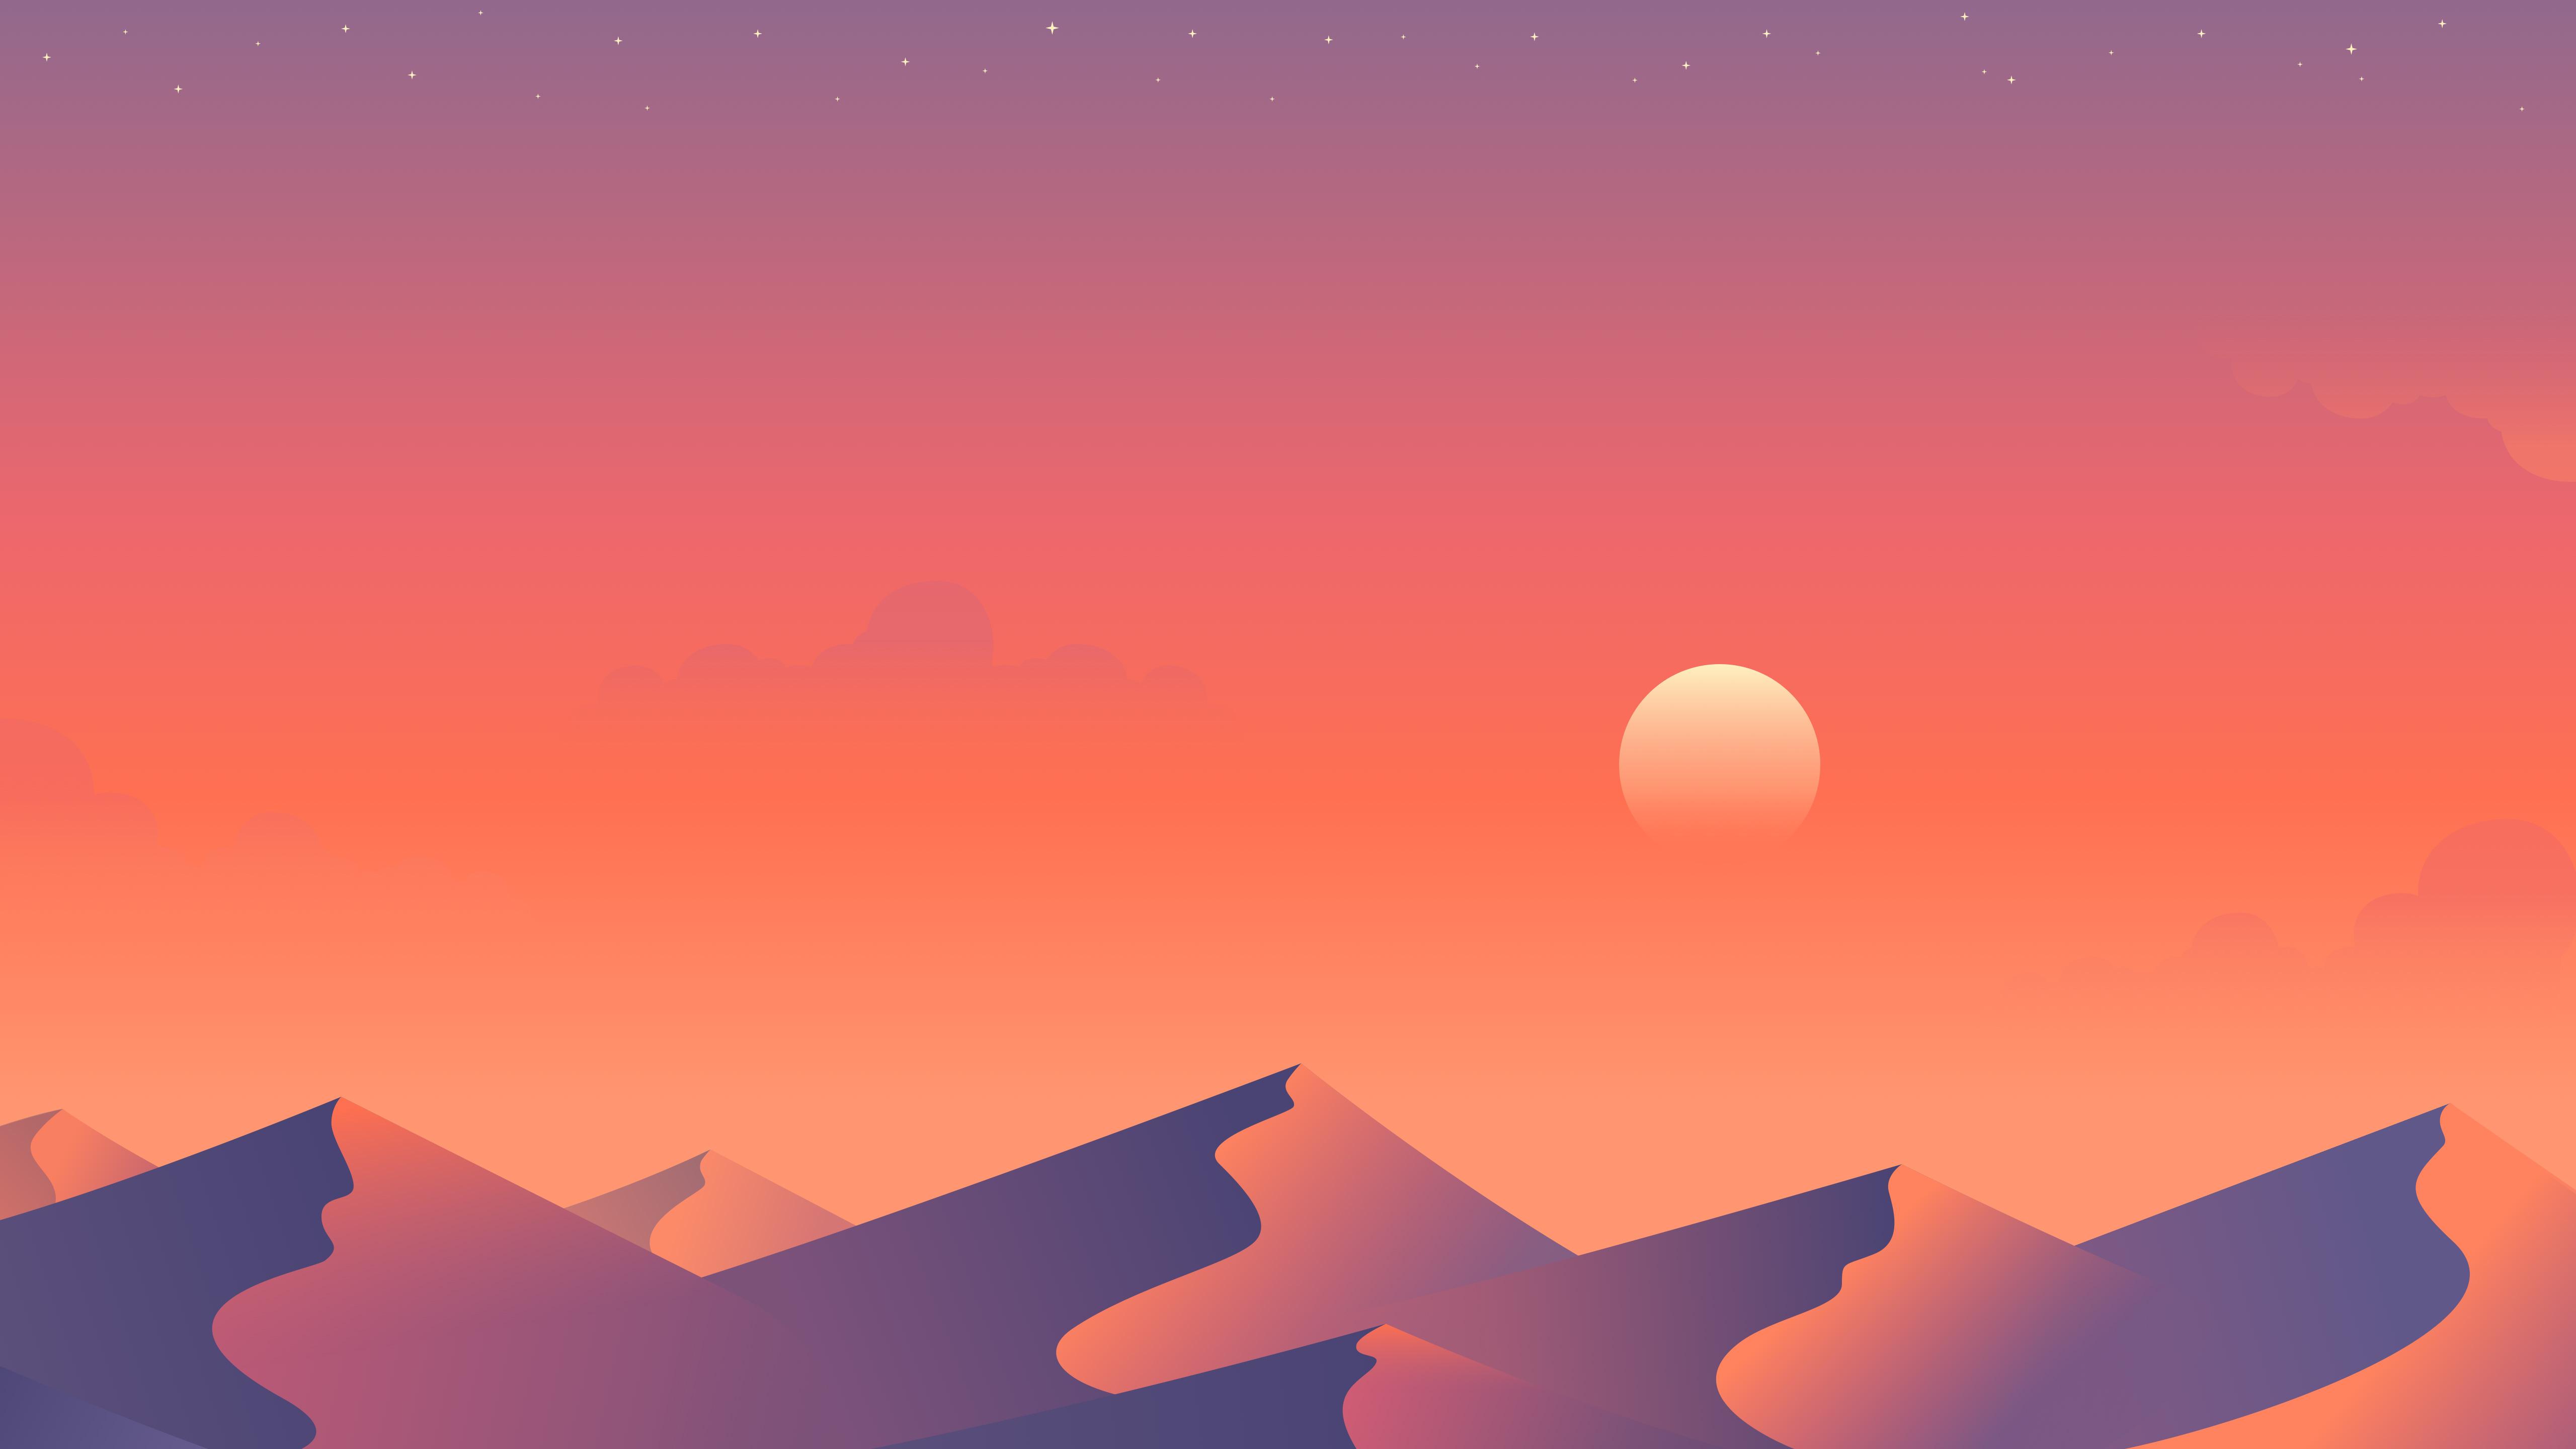 Desert Sun Day Minimalism Wallpaper Hd Minimalist 4k